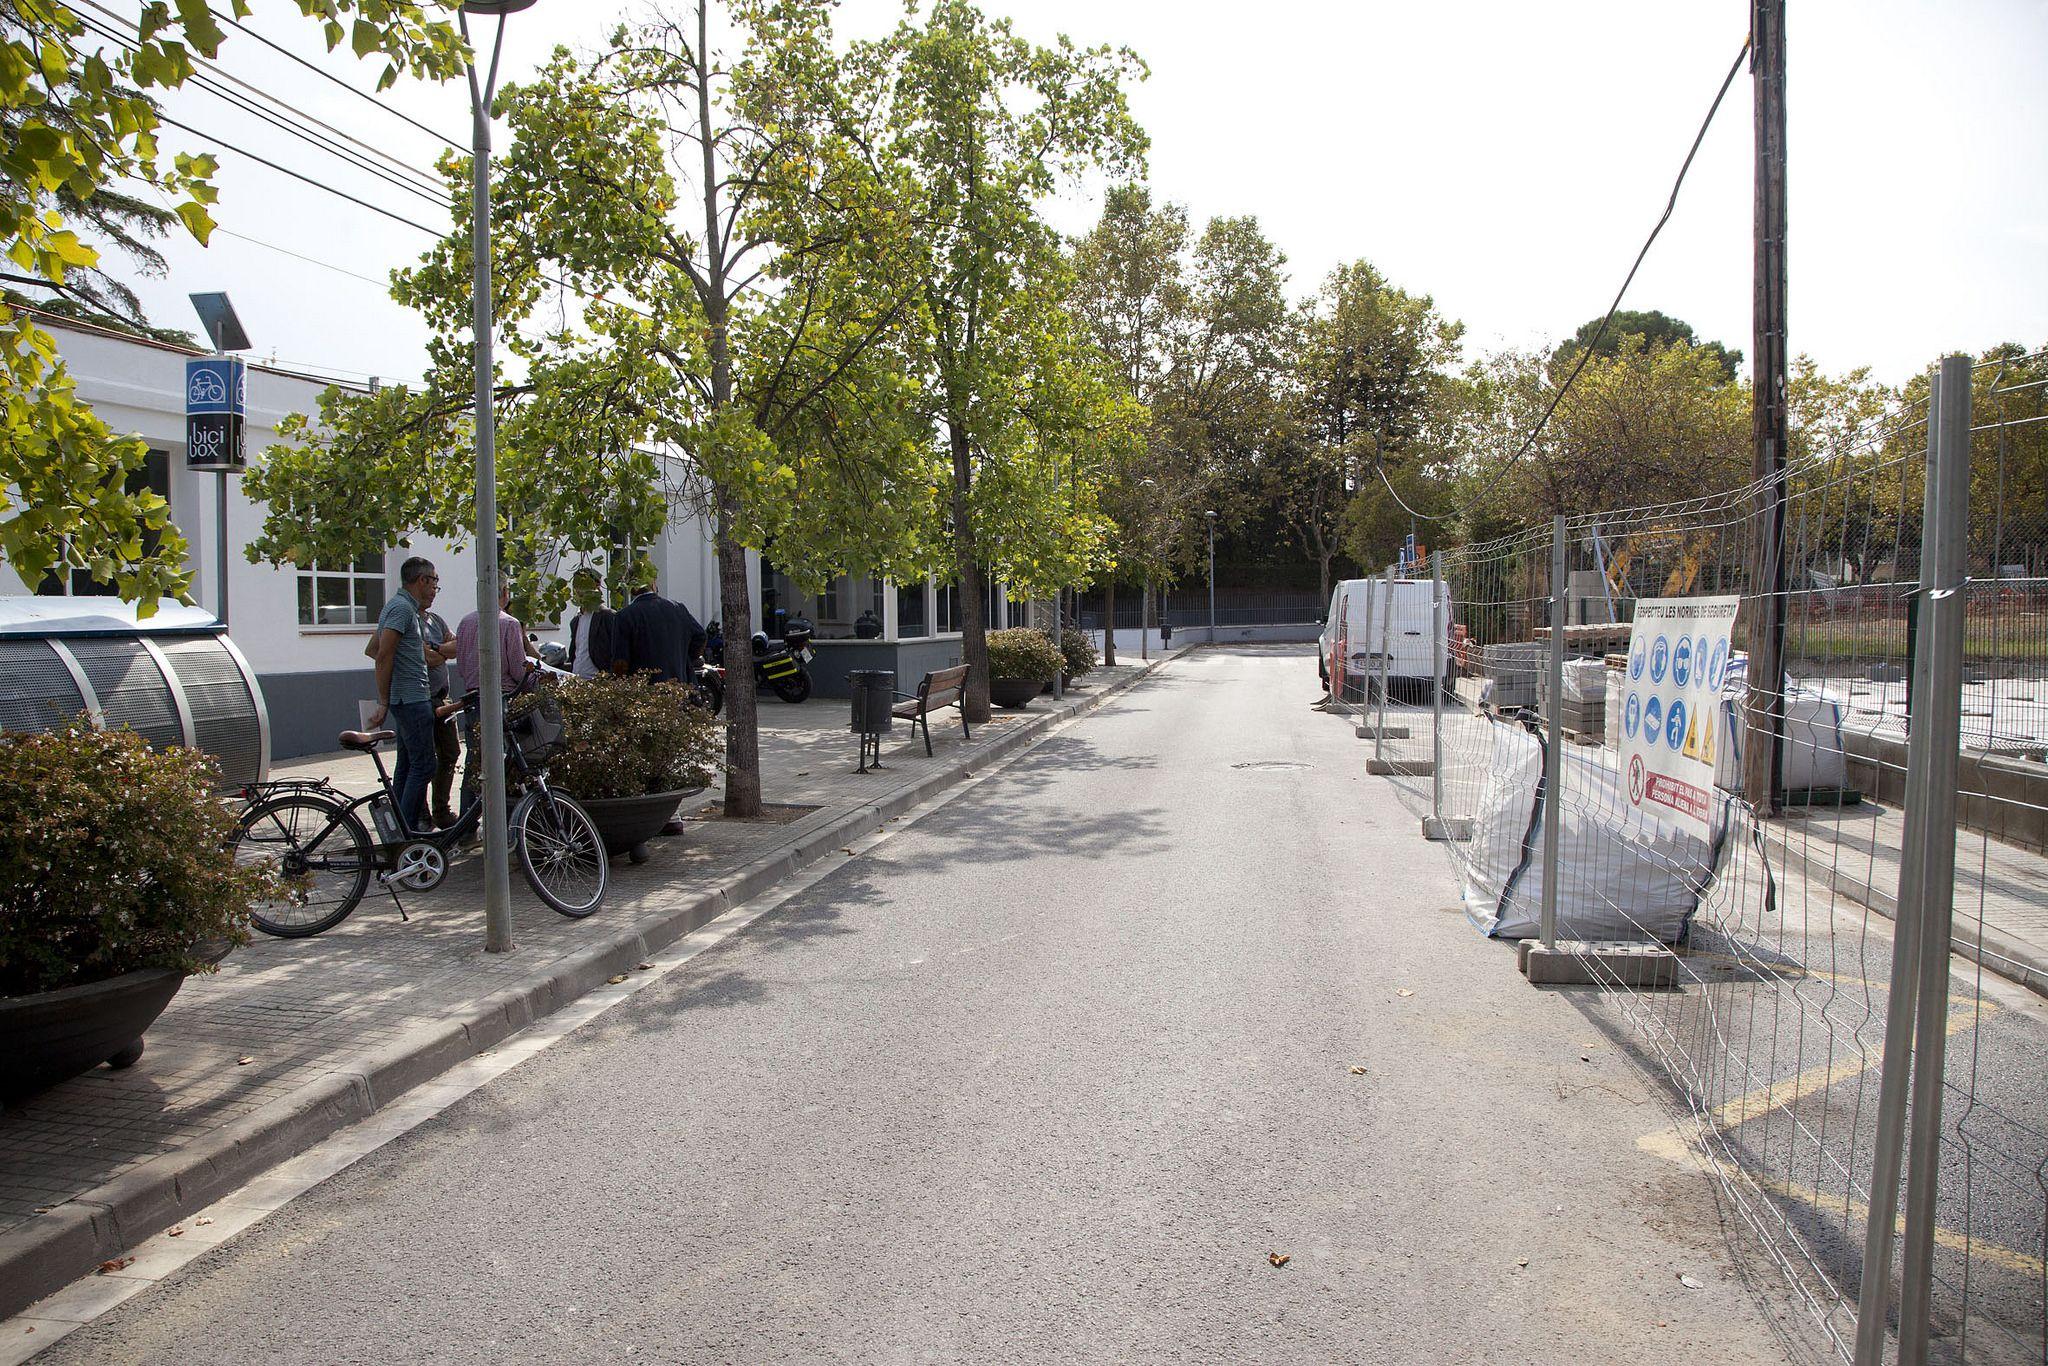 Està situat al carrer de l'Andana, darrere de l'estació de Ferrocarrils de la Generalitat FOTO: Localpres